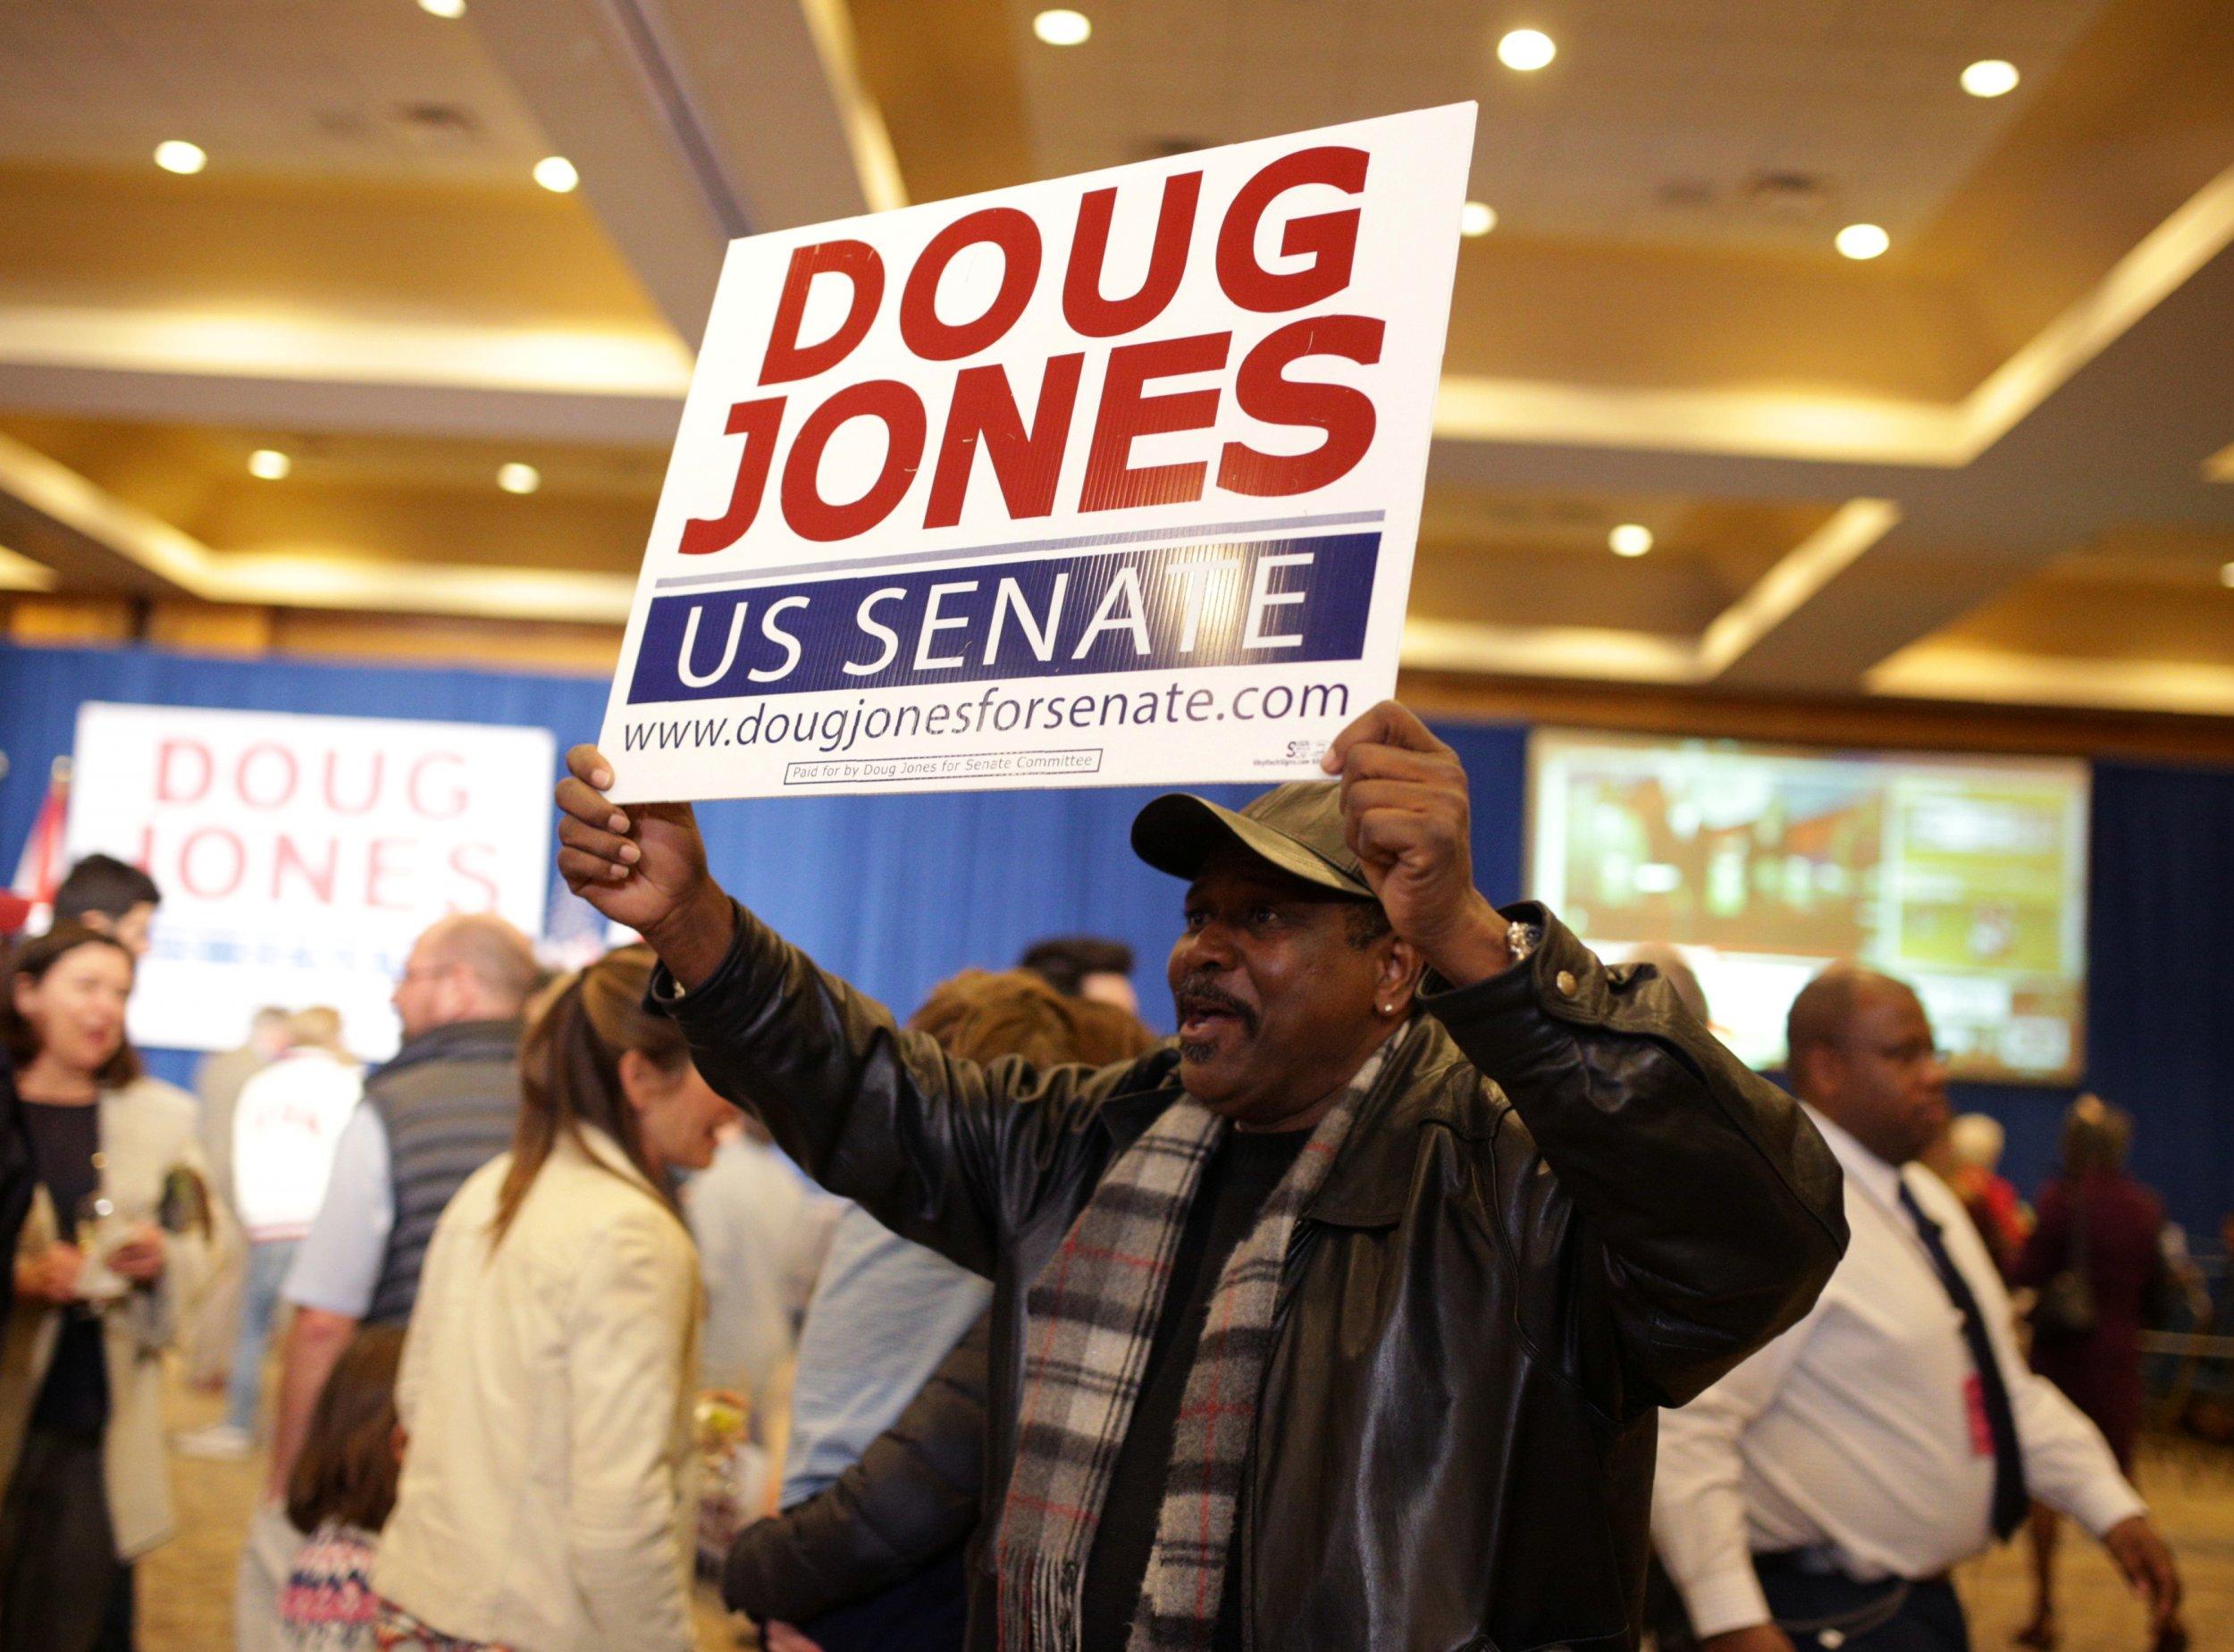 doug jones support